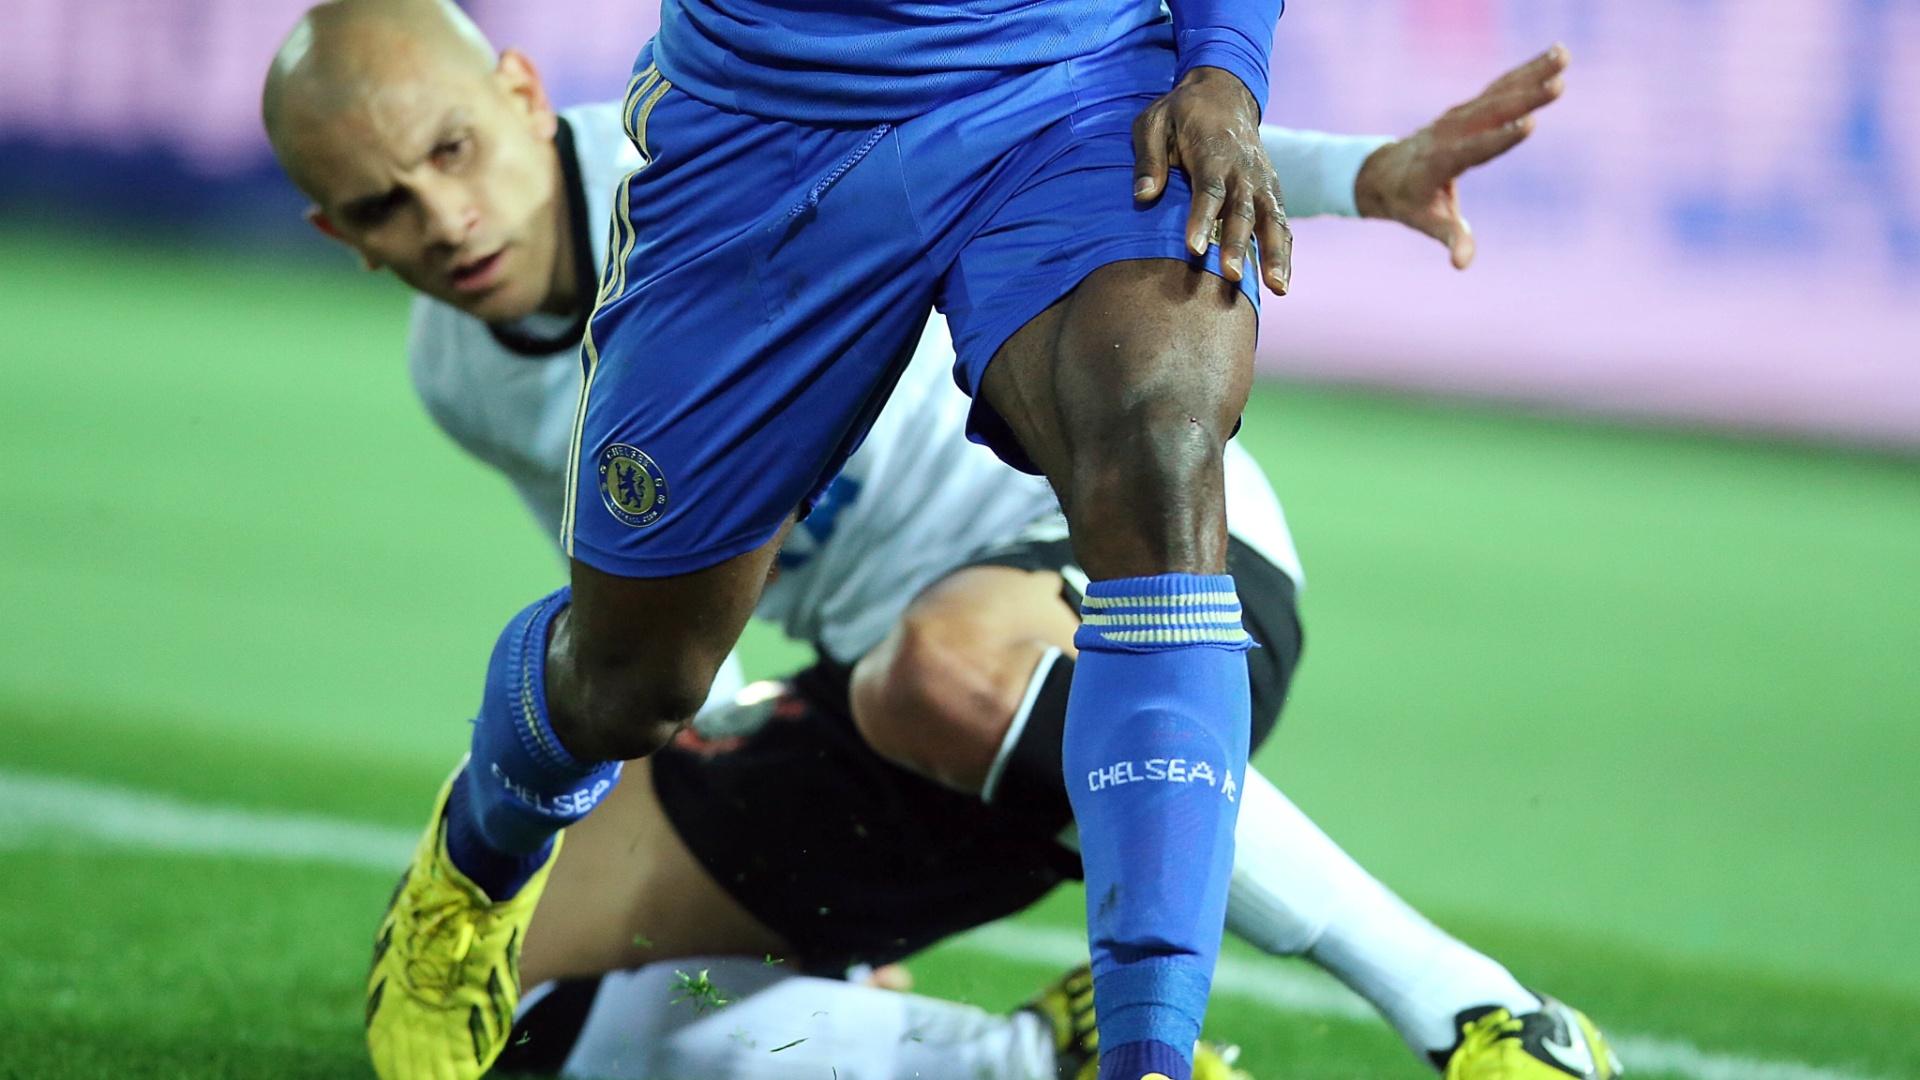 16.dez.2012 - Lateral Fábio Santos mostra aplicação na marcação sobre os jogadores do Chelsea durante a final do Mundial de Clubes da Fifa, em Yokohama, no Japão